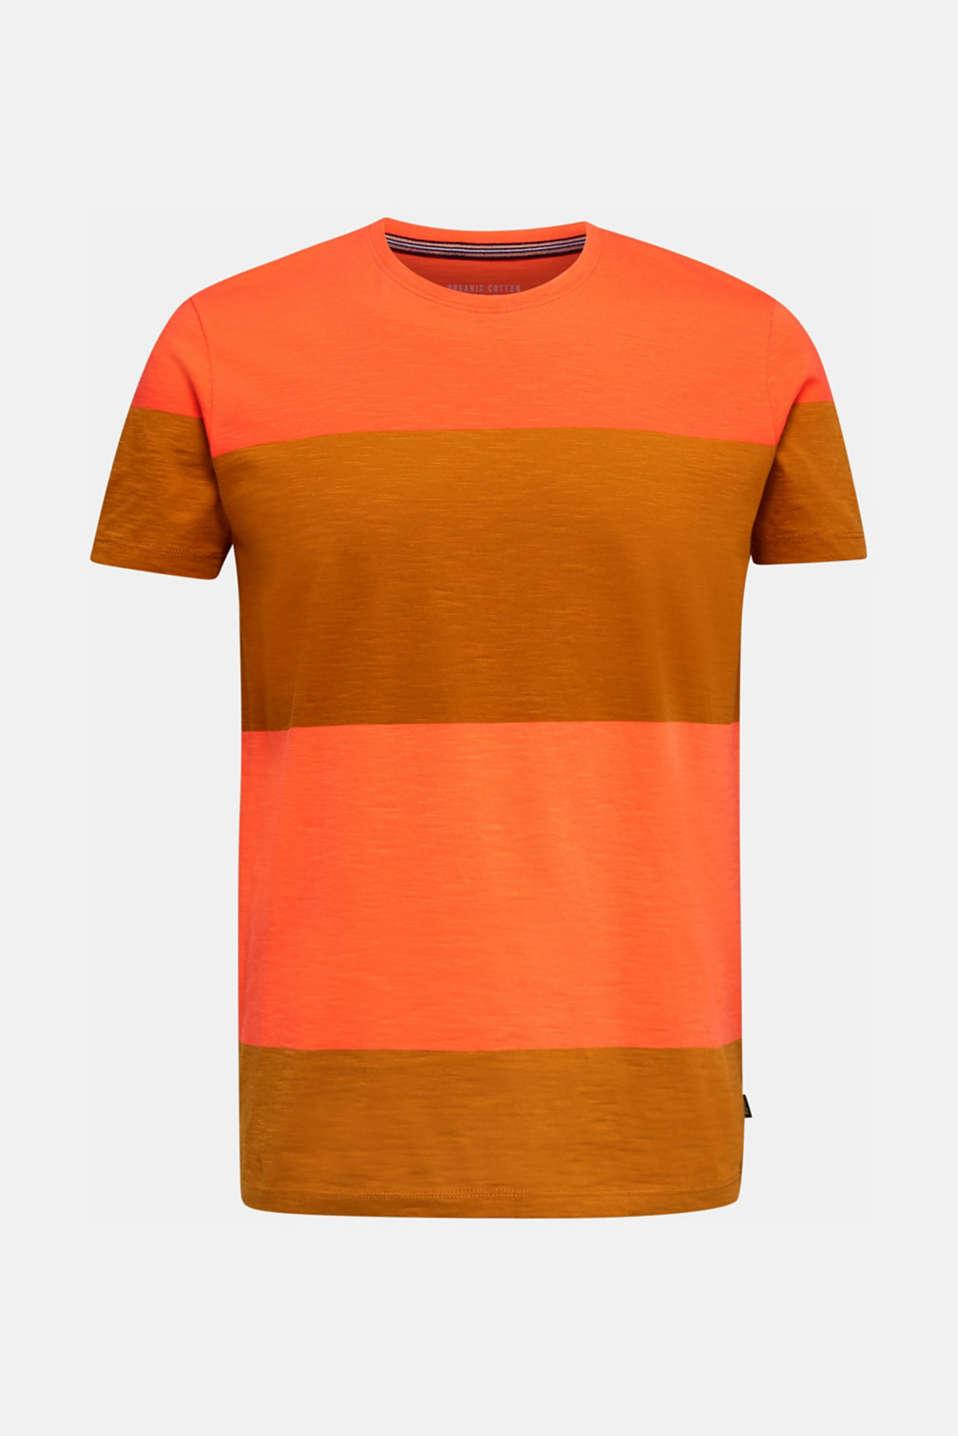 Slub jersey T-shirt in 100% cotton, RUST ORANGE 3, detail image number 5